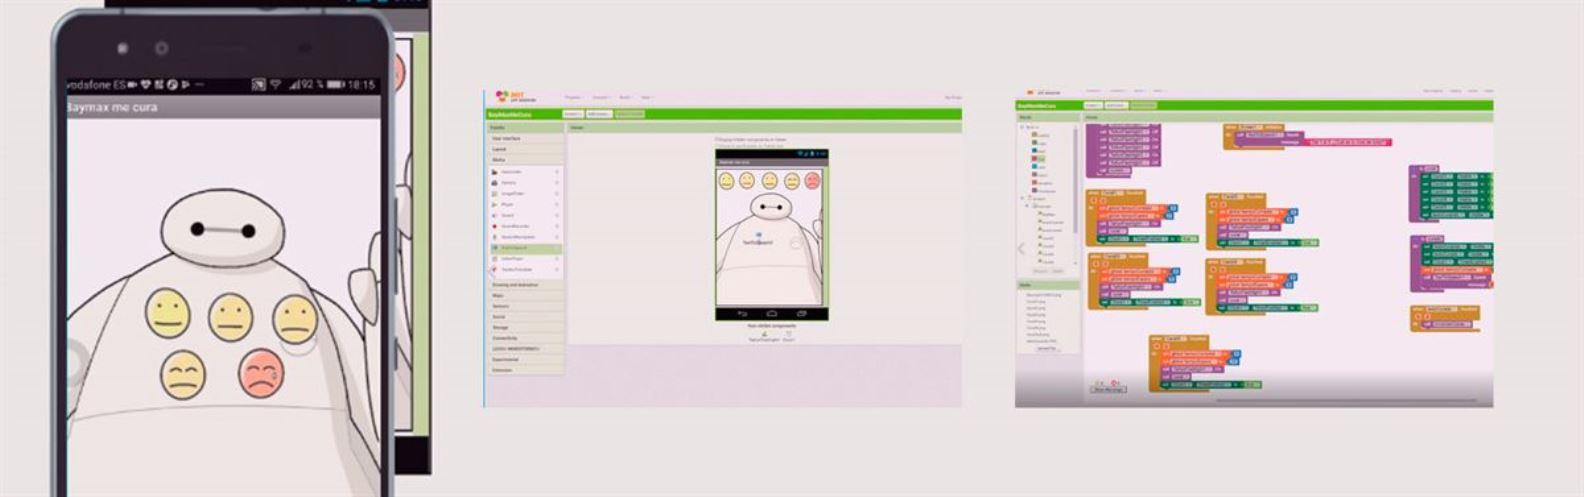 Actividad para niños de App: Baymax te dice cómo estás